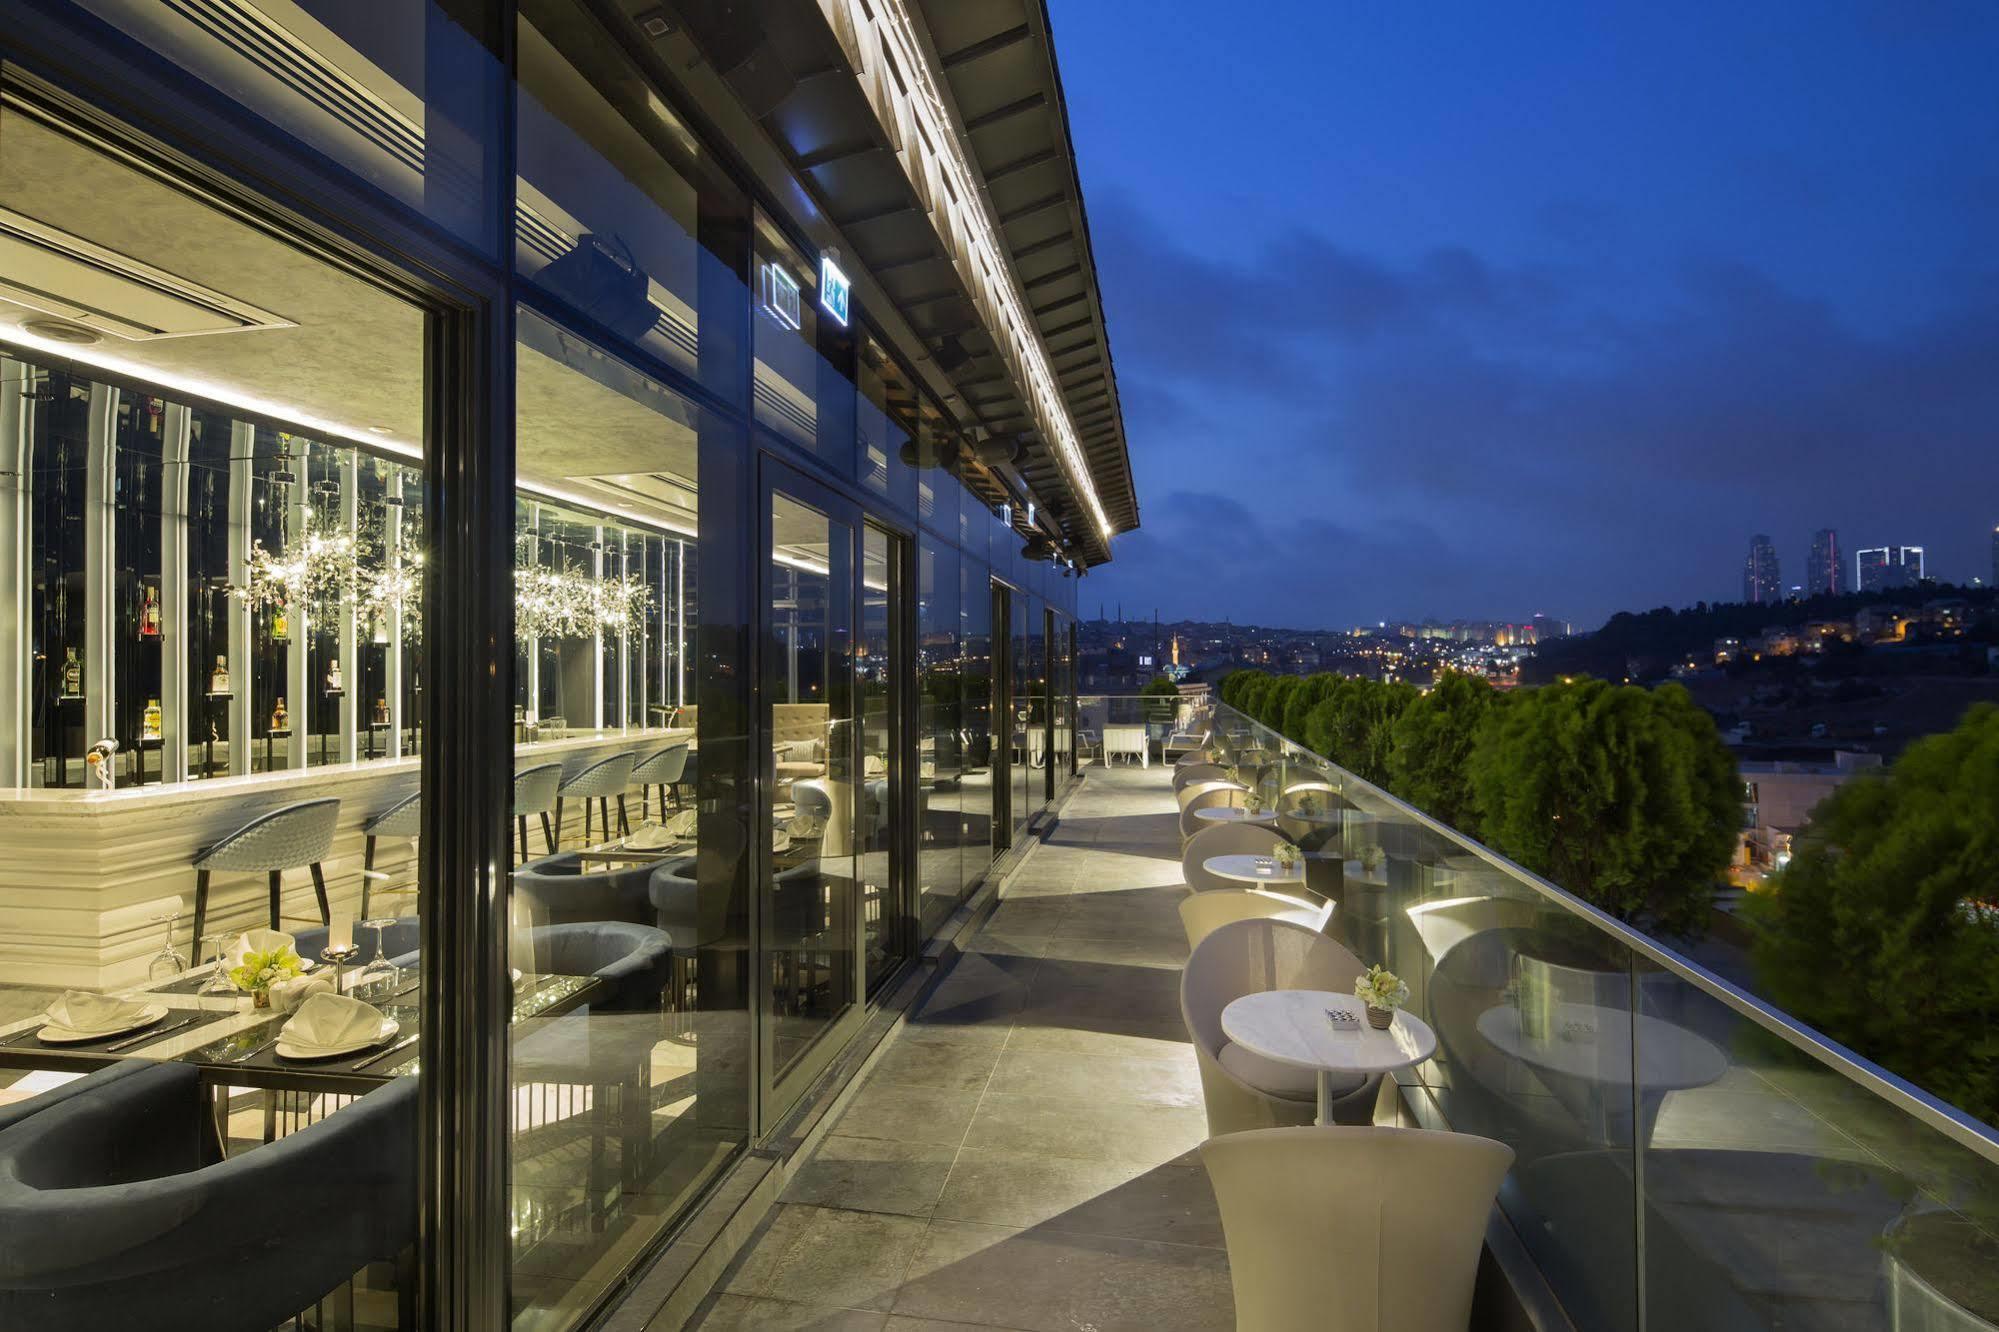 هتل دابل تری هیلتون پیاله پاشا استانبول